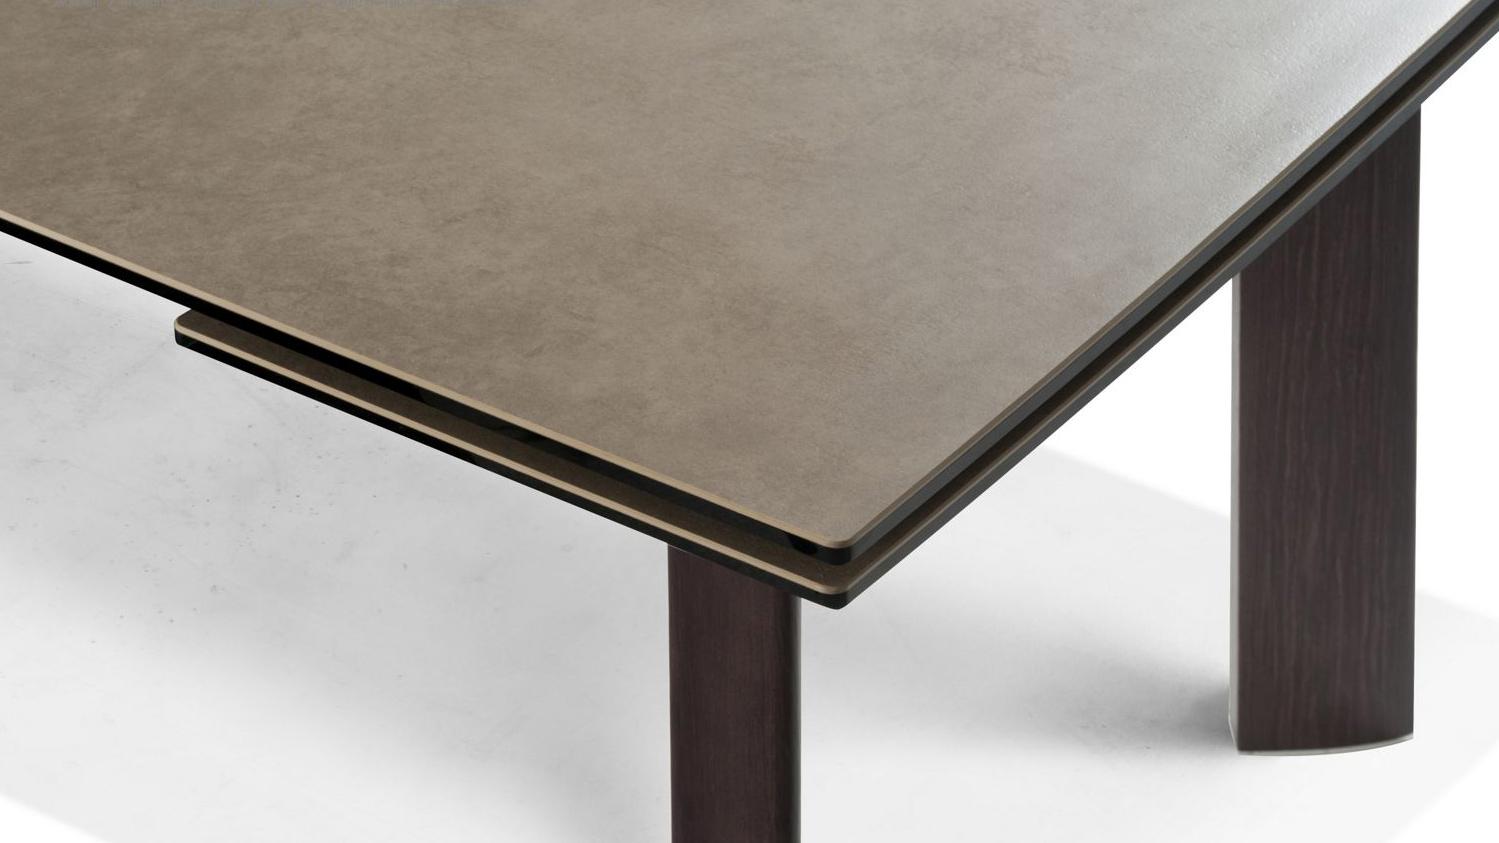 Grande Table De Repas Roche Bobois Chrono Wood - Meuble Et concernant Table Salle À Manger Roche Bobois